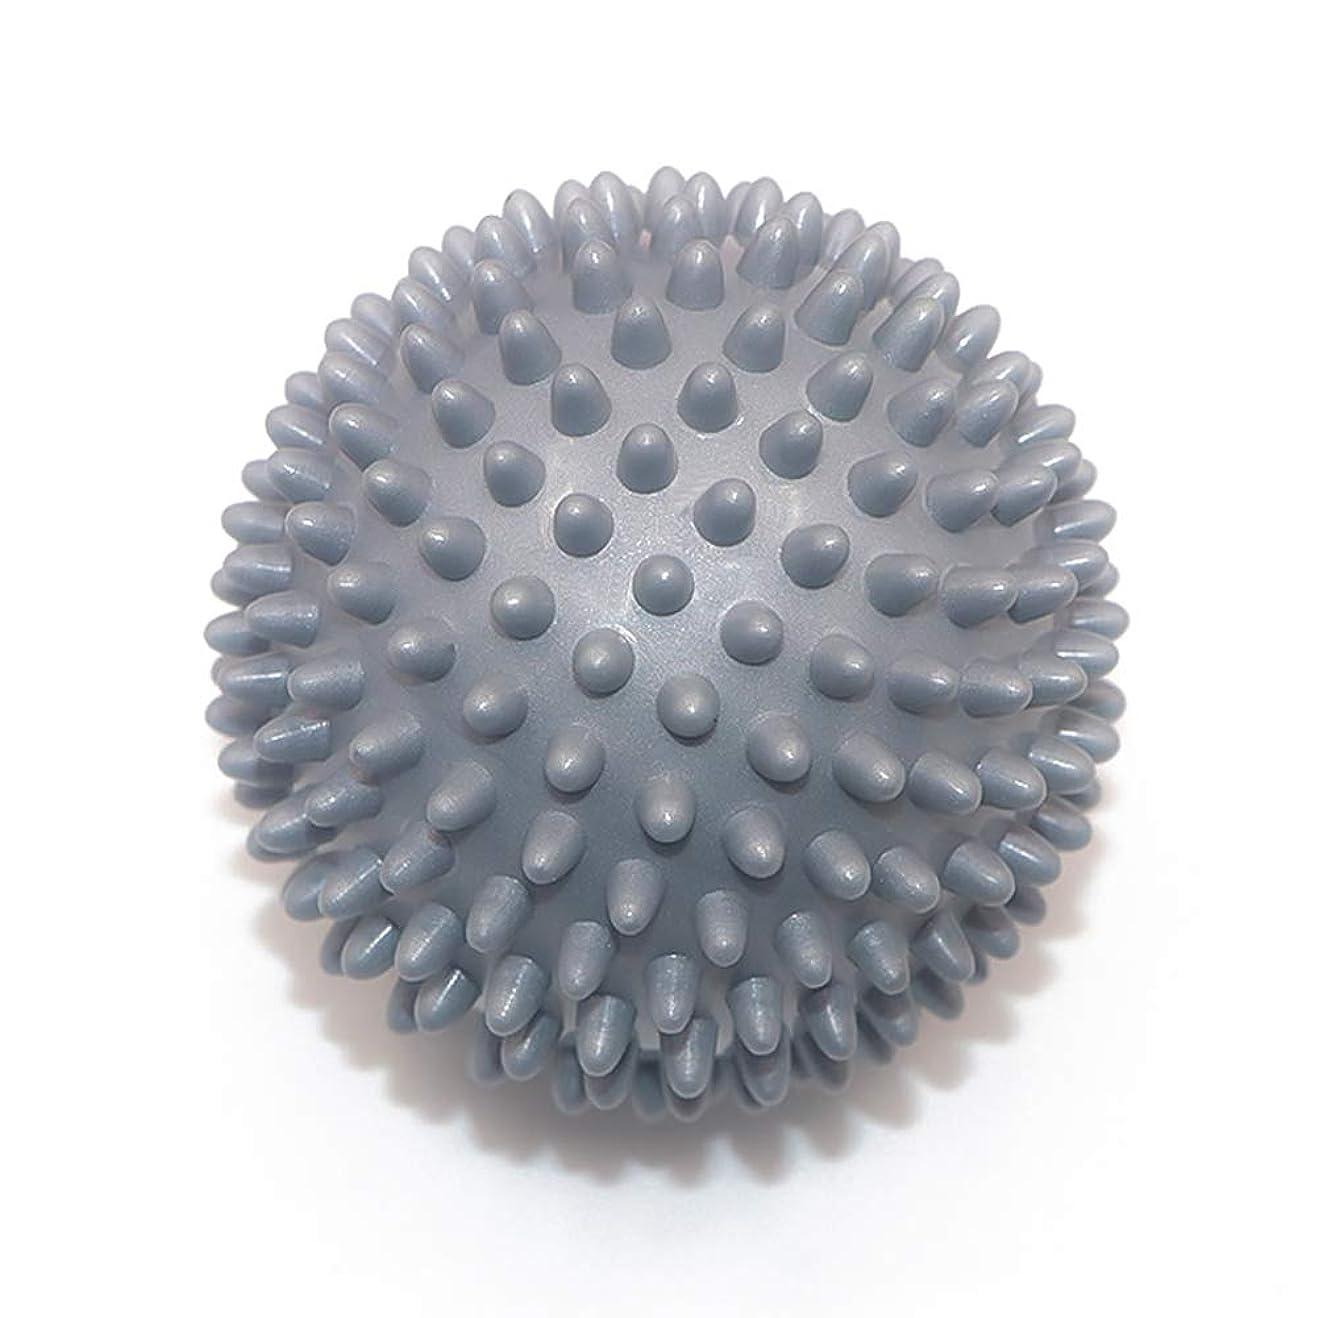 セメントスリンク技術的なLiti マッサージボール リハビリ 触覚ボール リフレクションボール 筋膜リリース リハビリ マッサージ用 グレー